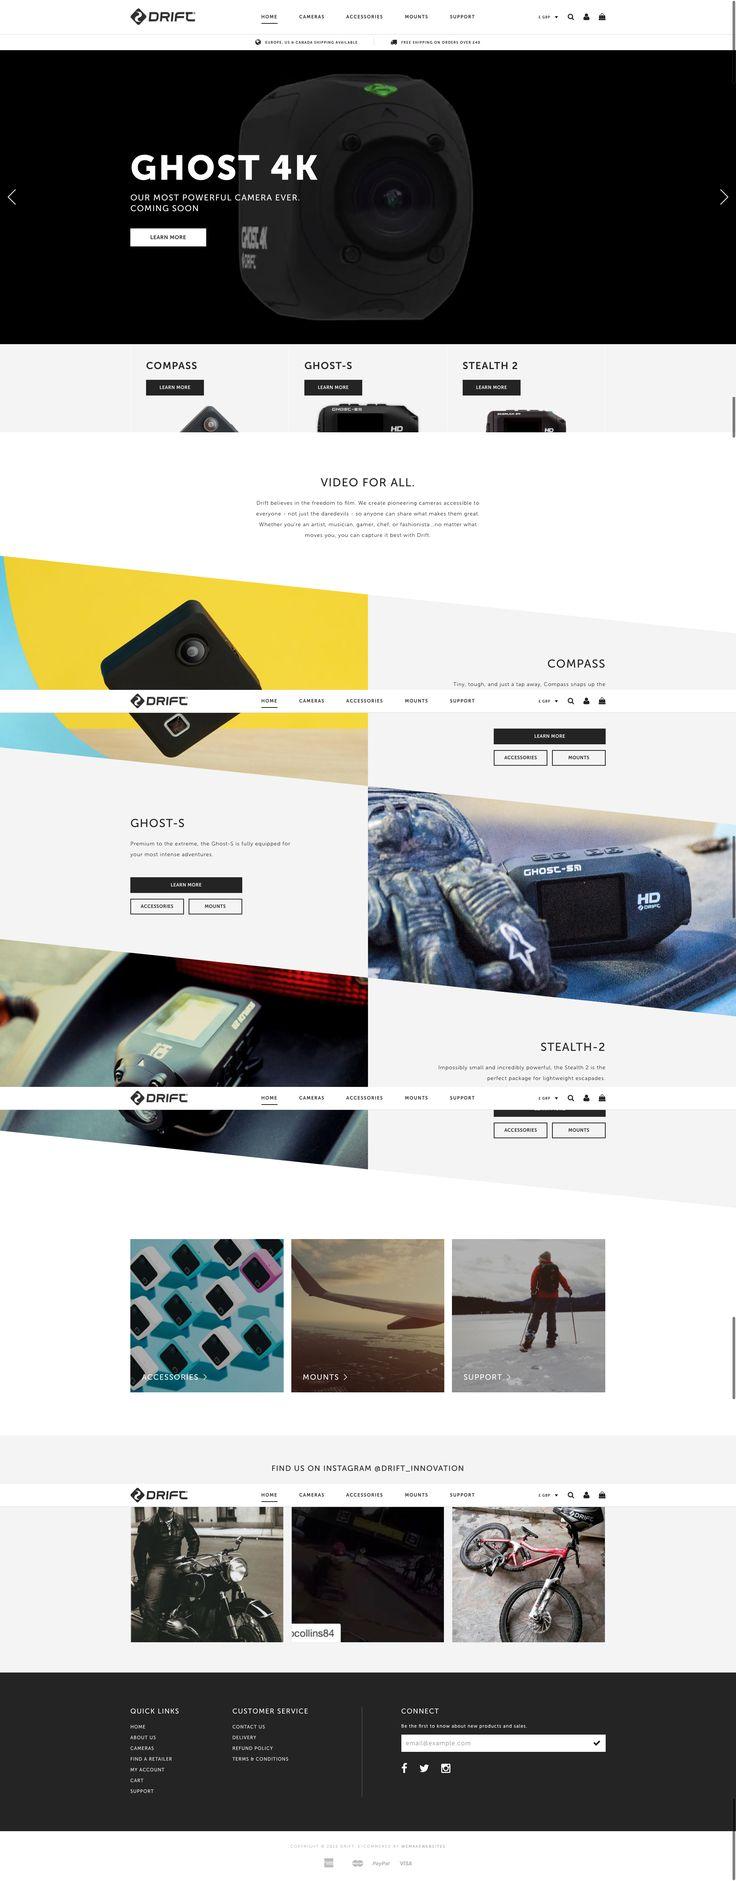 Drift Innovation - Our responsive website design